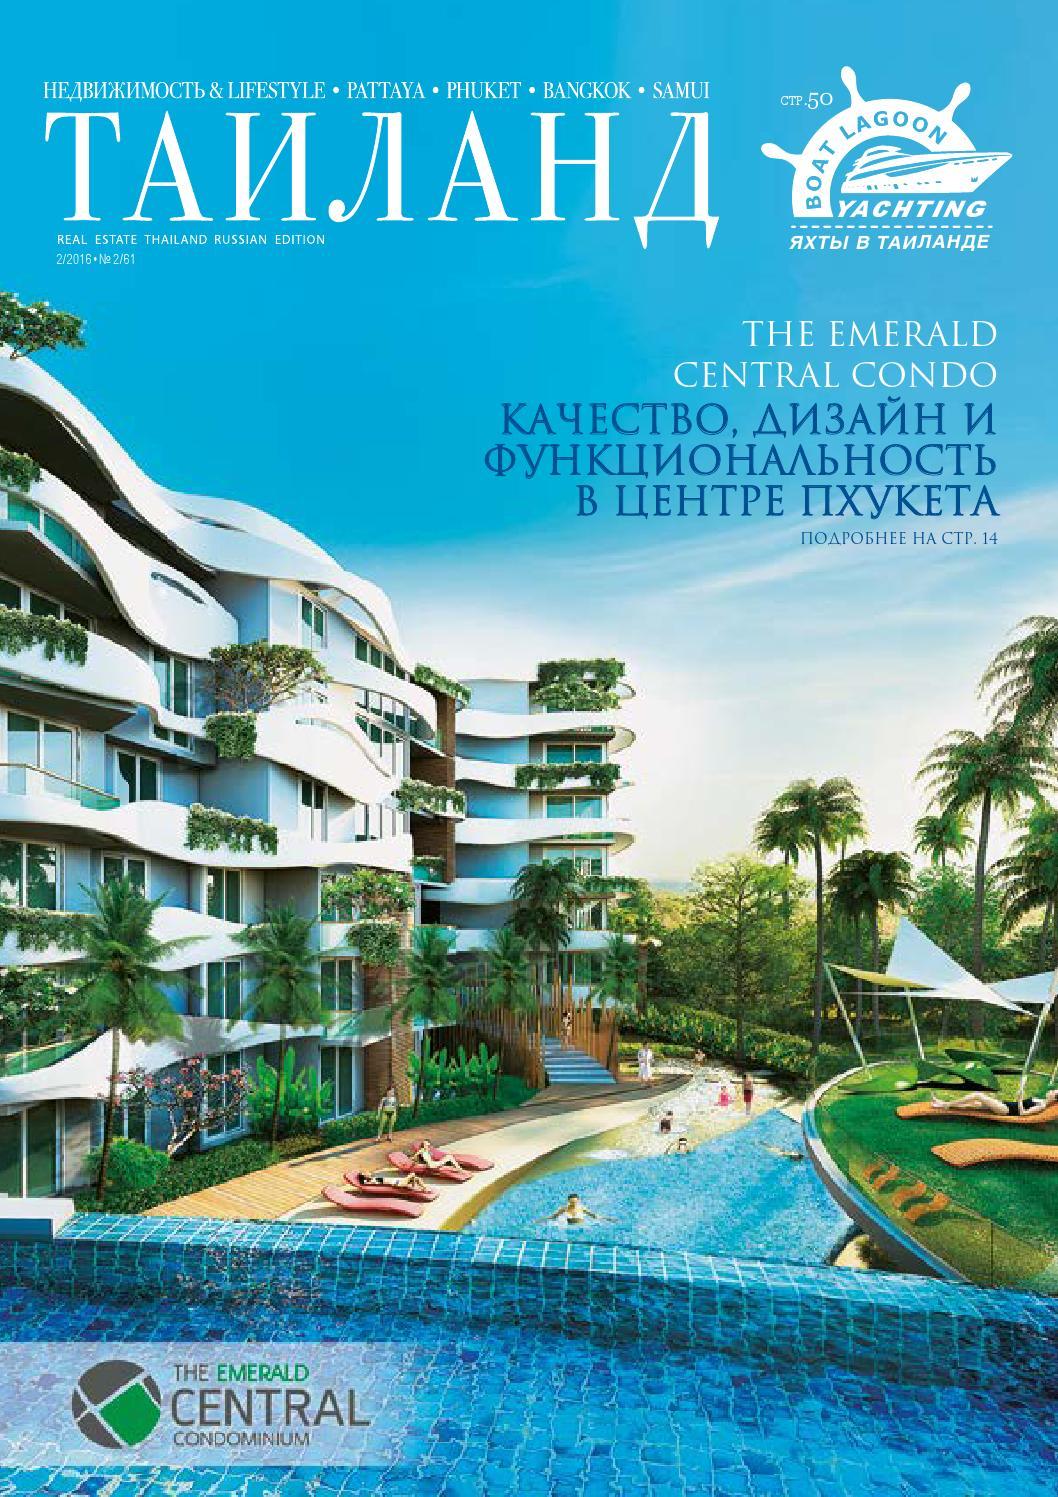 Таиланд недвижимость русский поселок на пхукете квартира в дубай стоимость